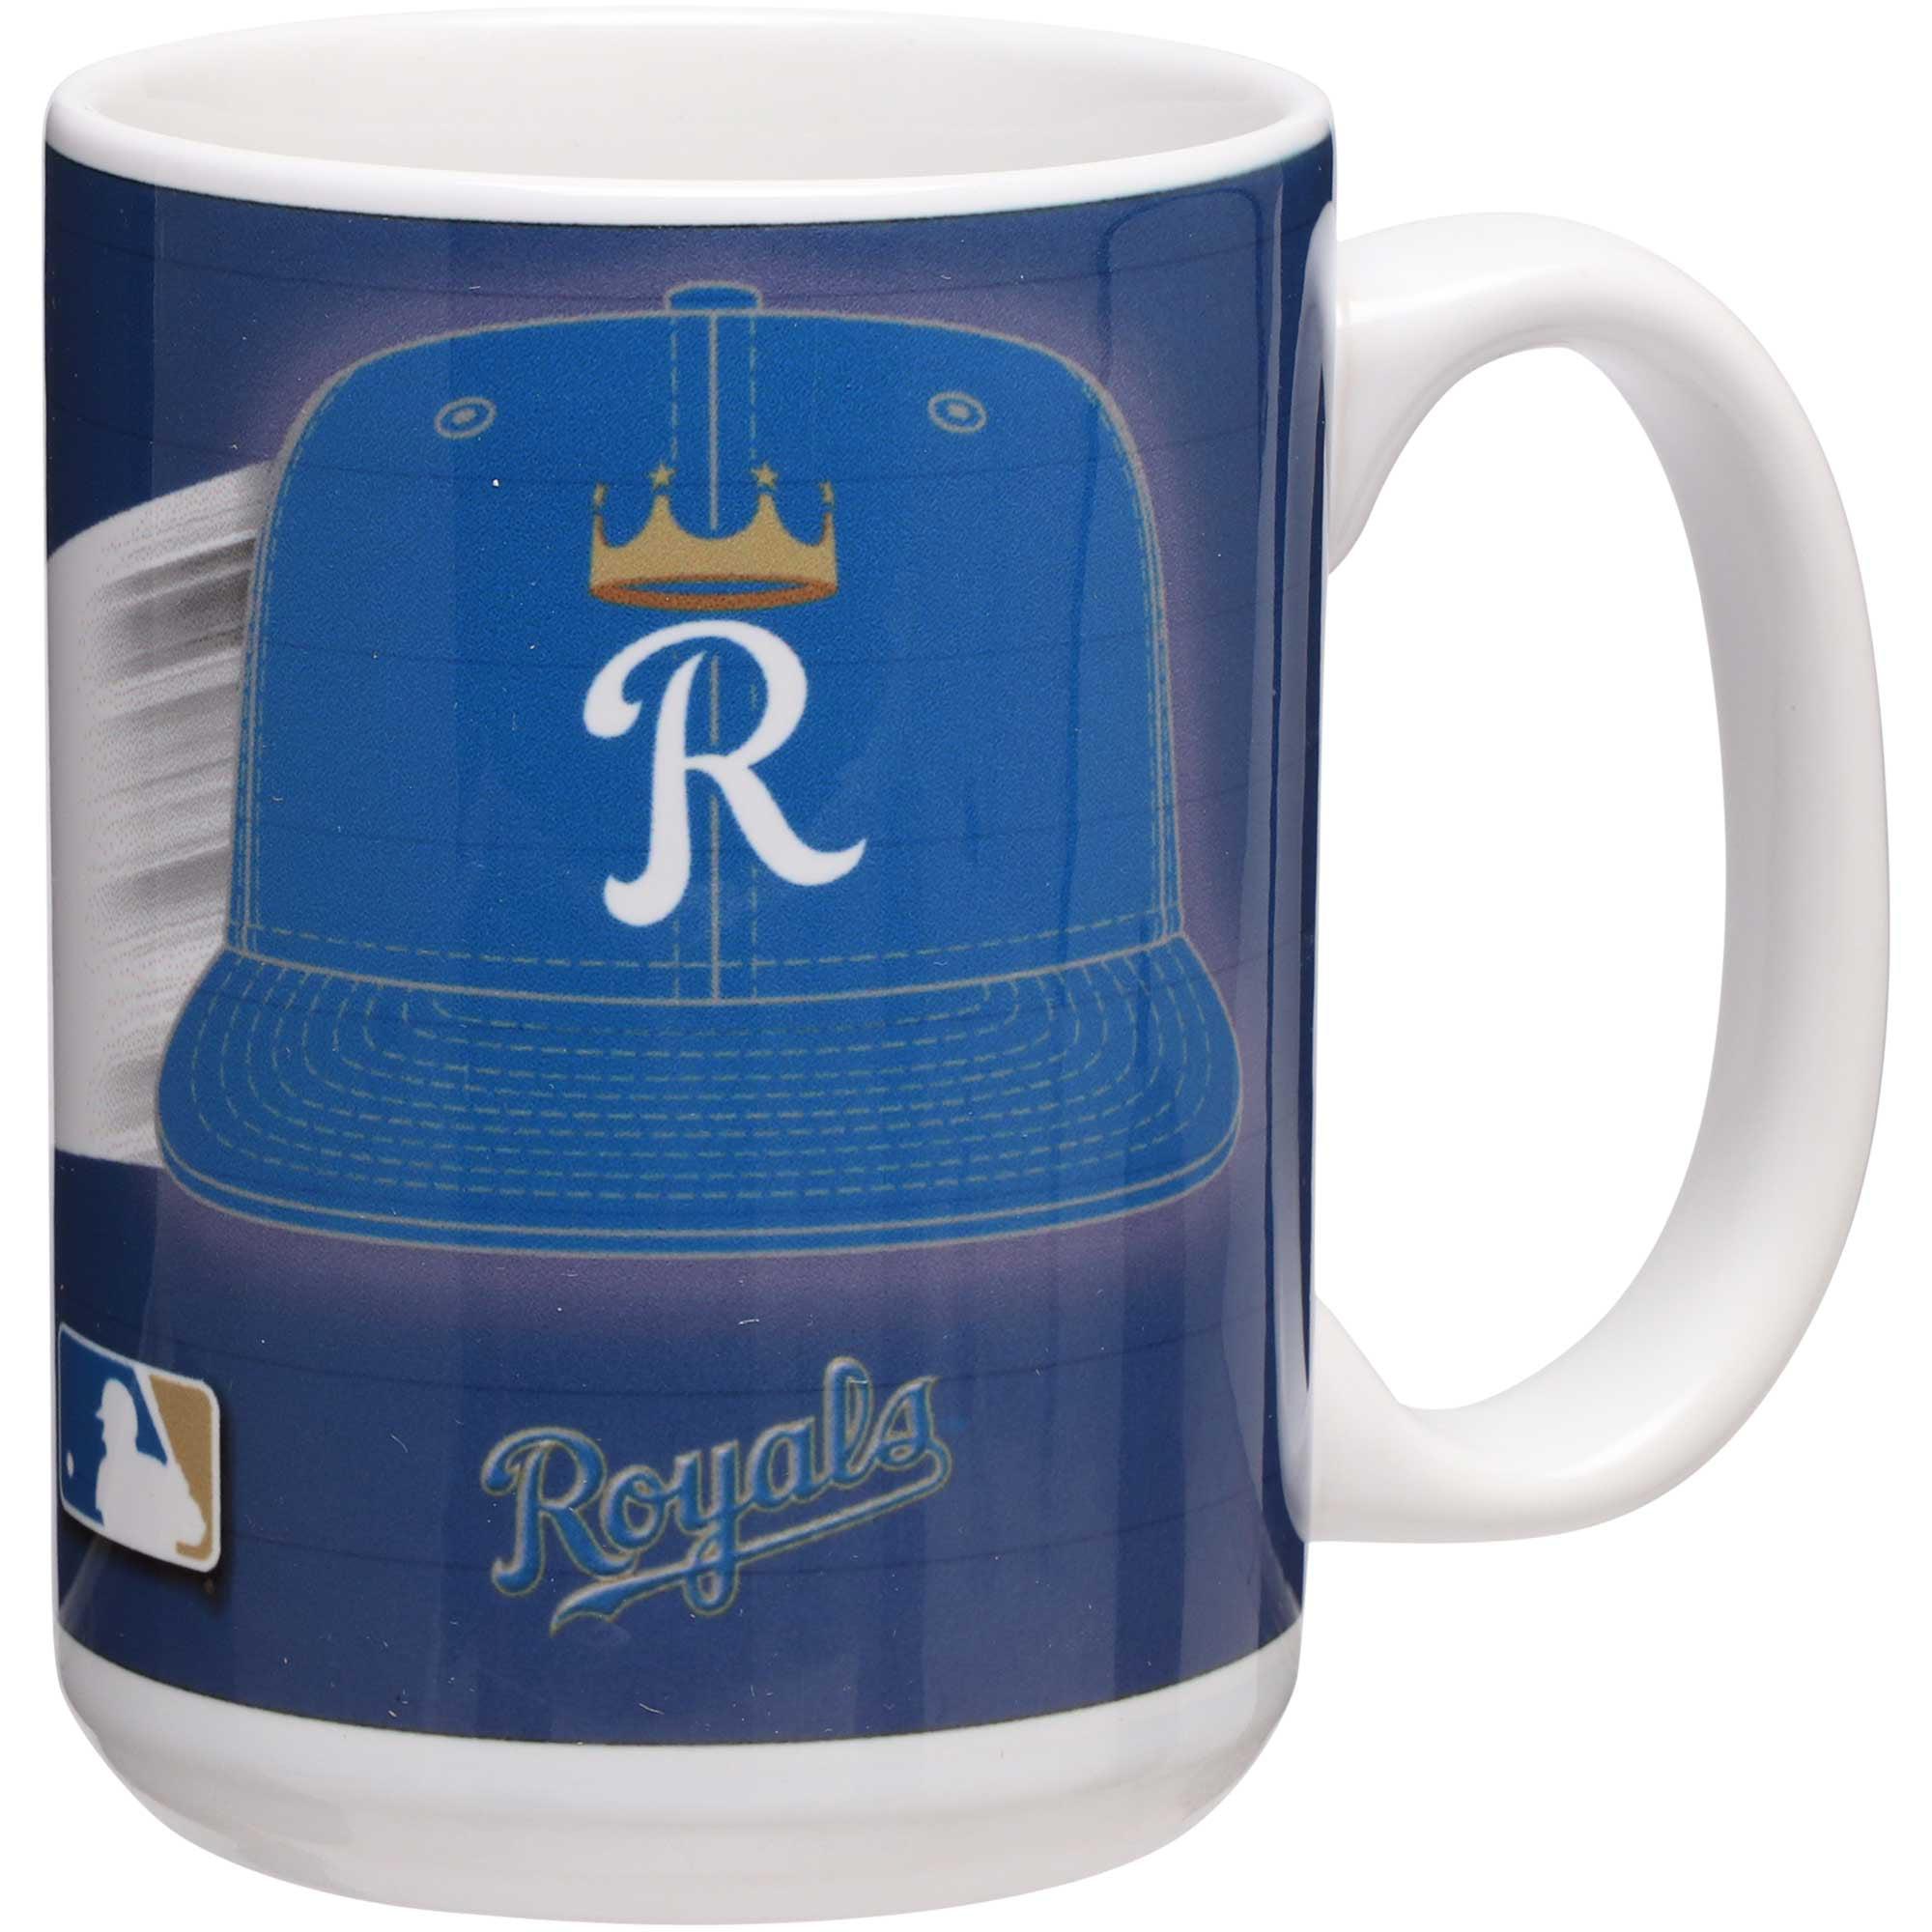 Kansas City Royals 15oz. Team 3D Graphic Mug - No Size